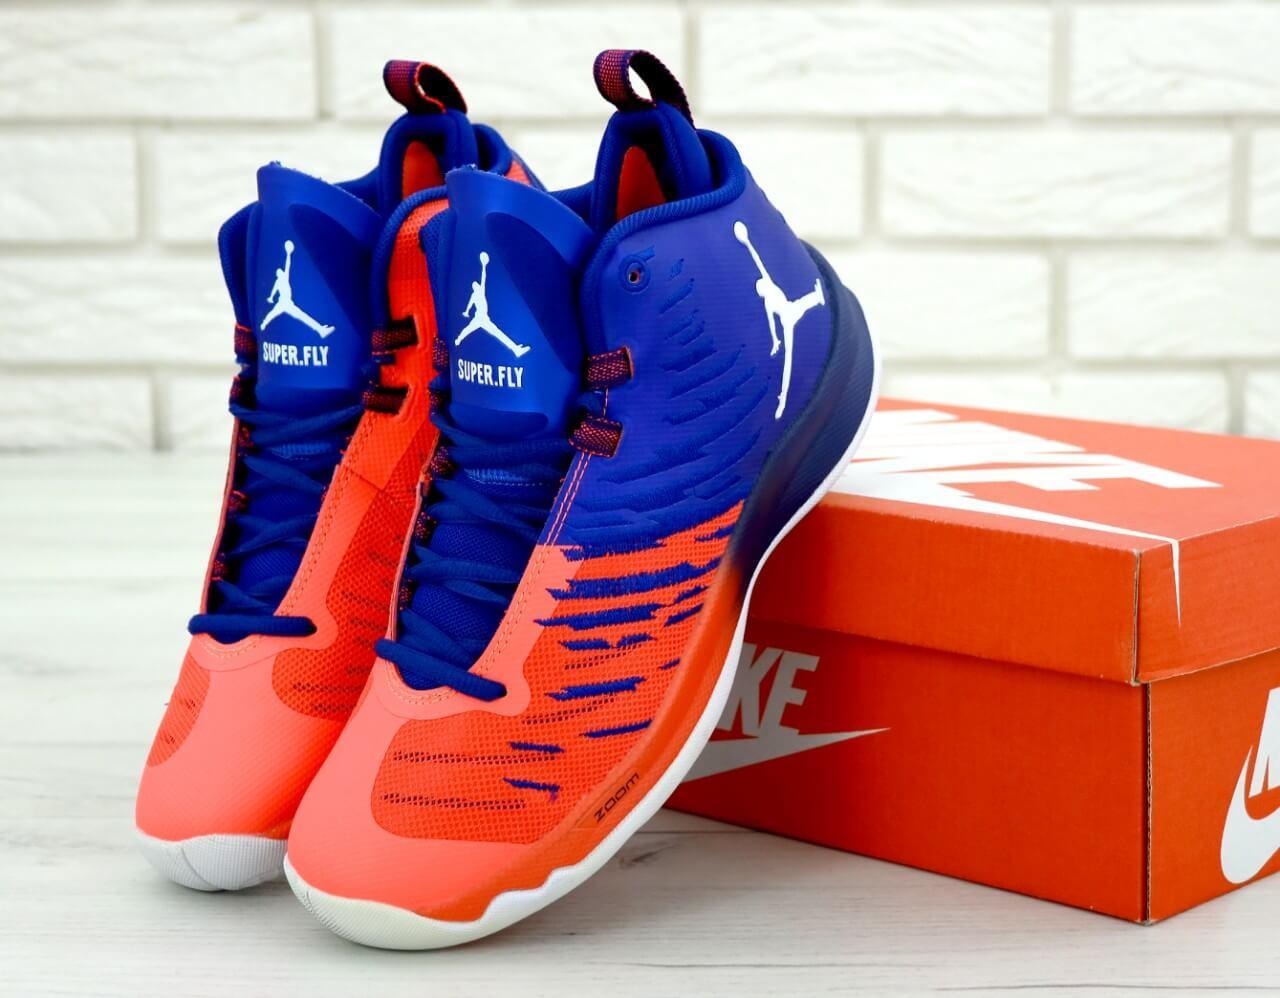 52d42144 Баскетбольные кроссовки Nike Air Jordan Super Fly - Интернет магазин обуви  «im-РоLLi»